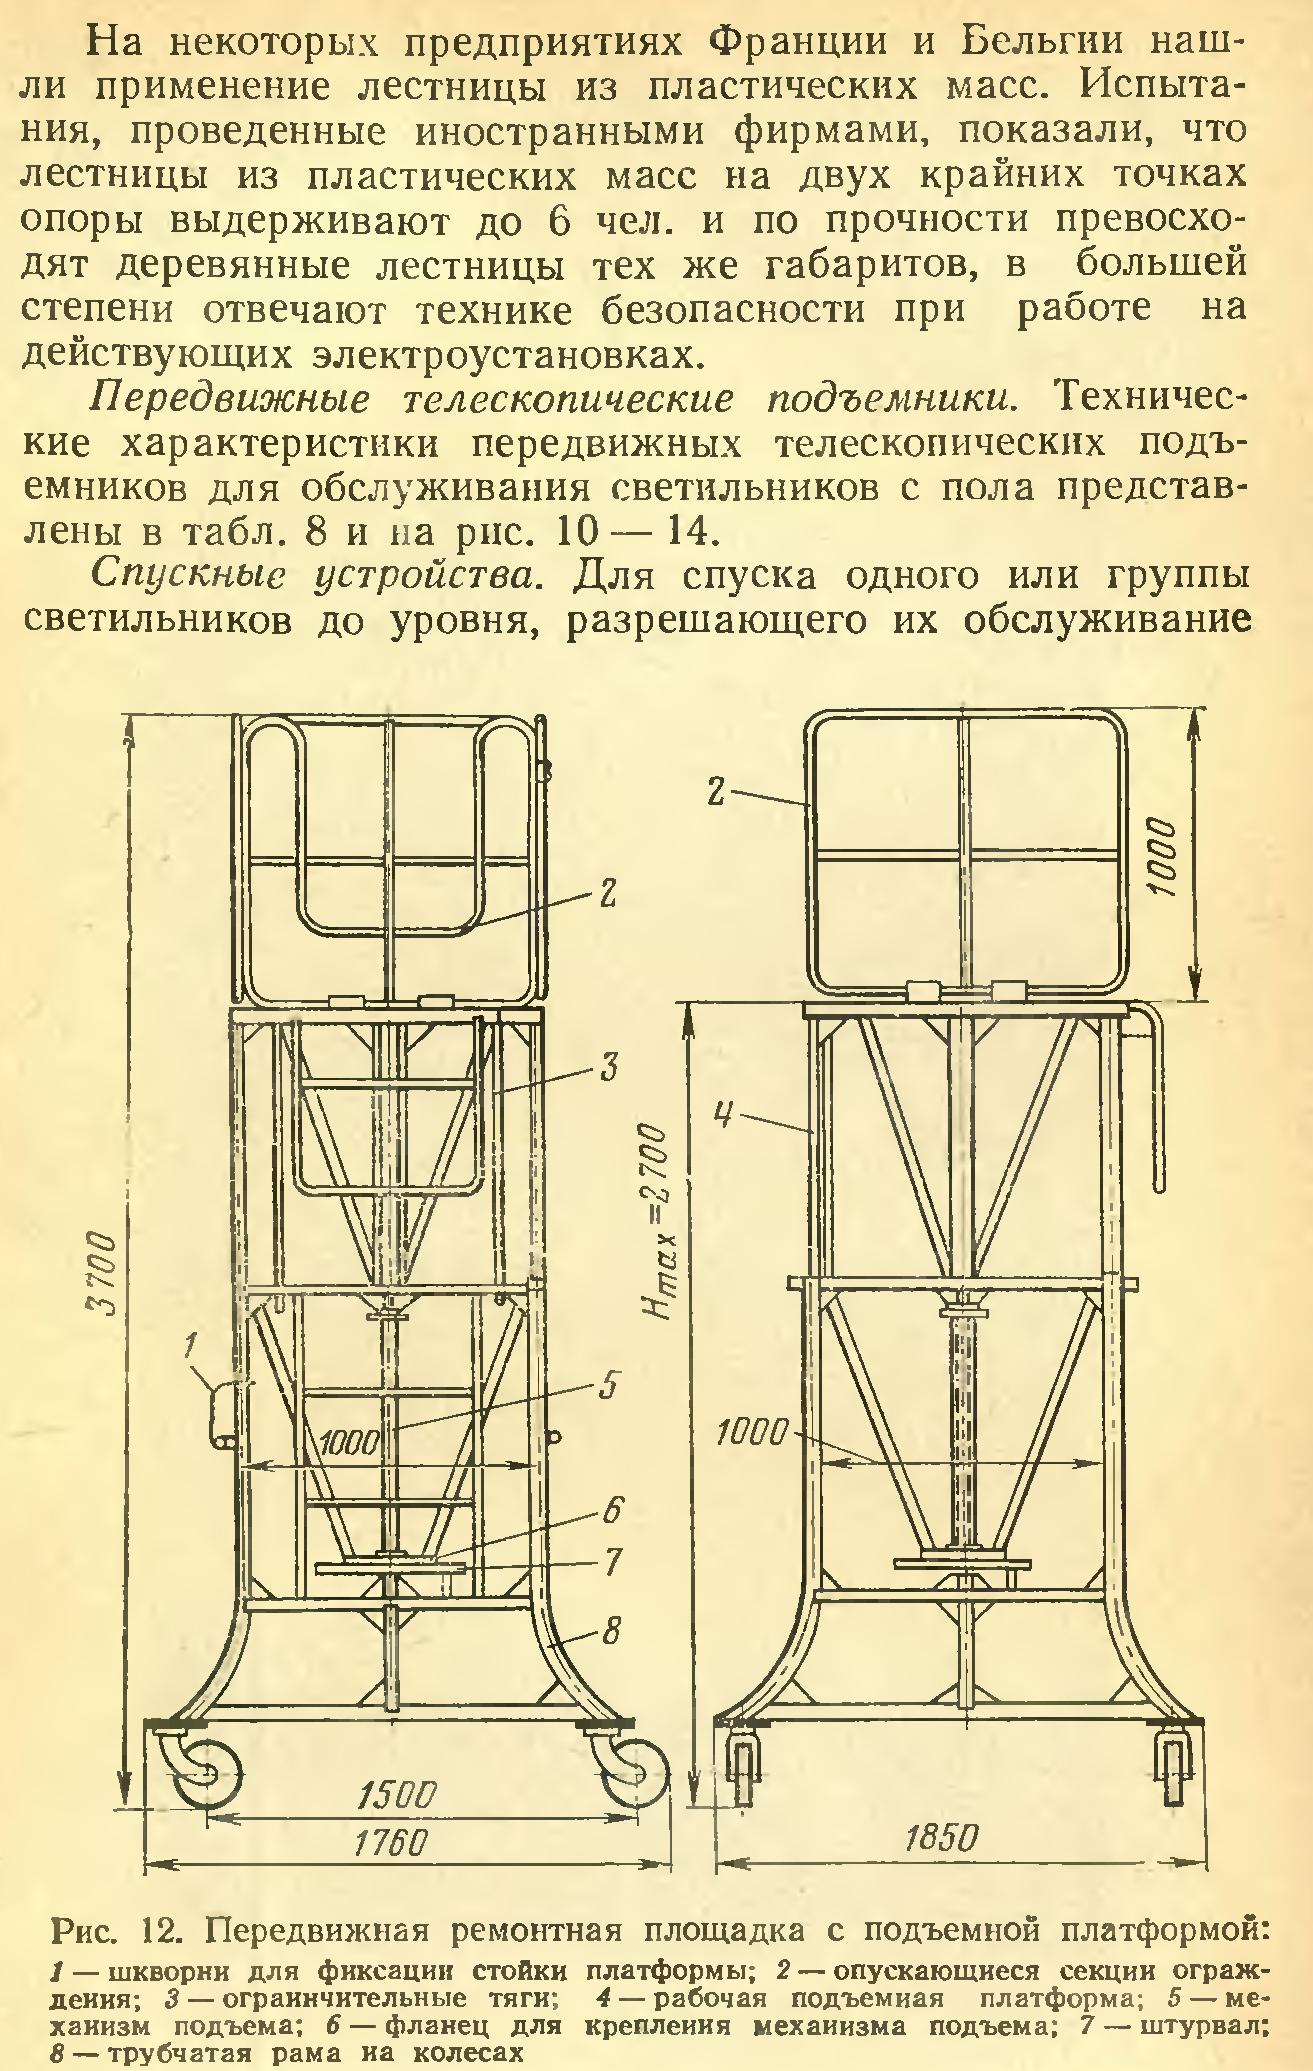 Разделительный трансформатор